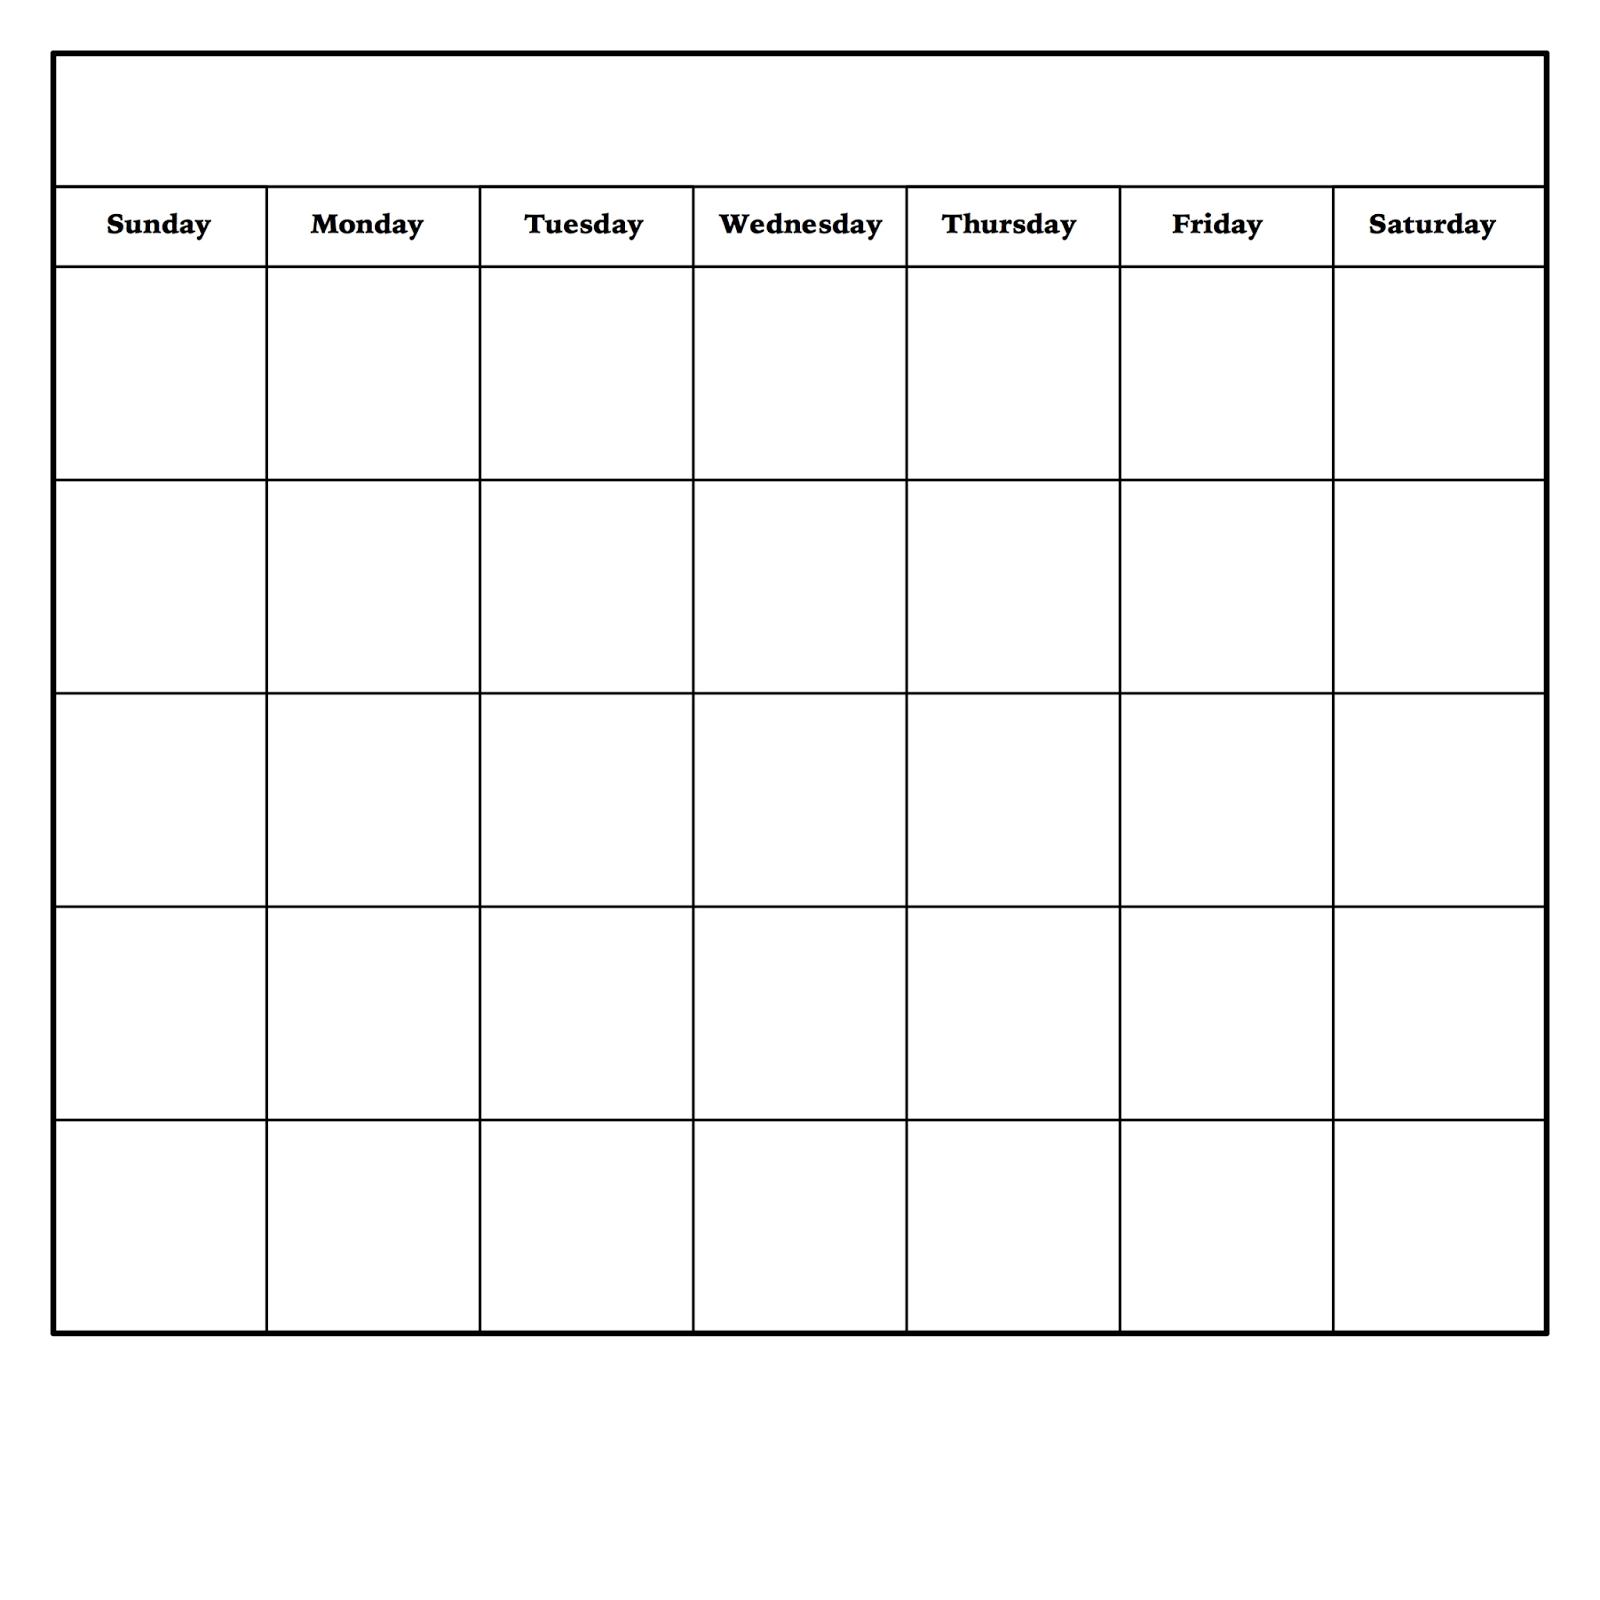 diy dry erase calendar no 29 design | printable blank